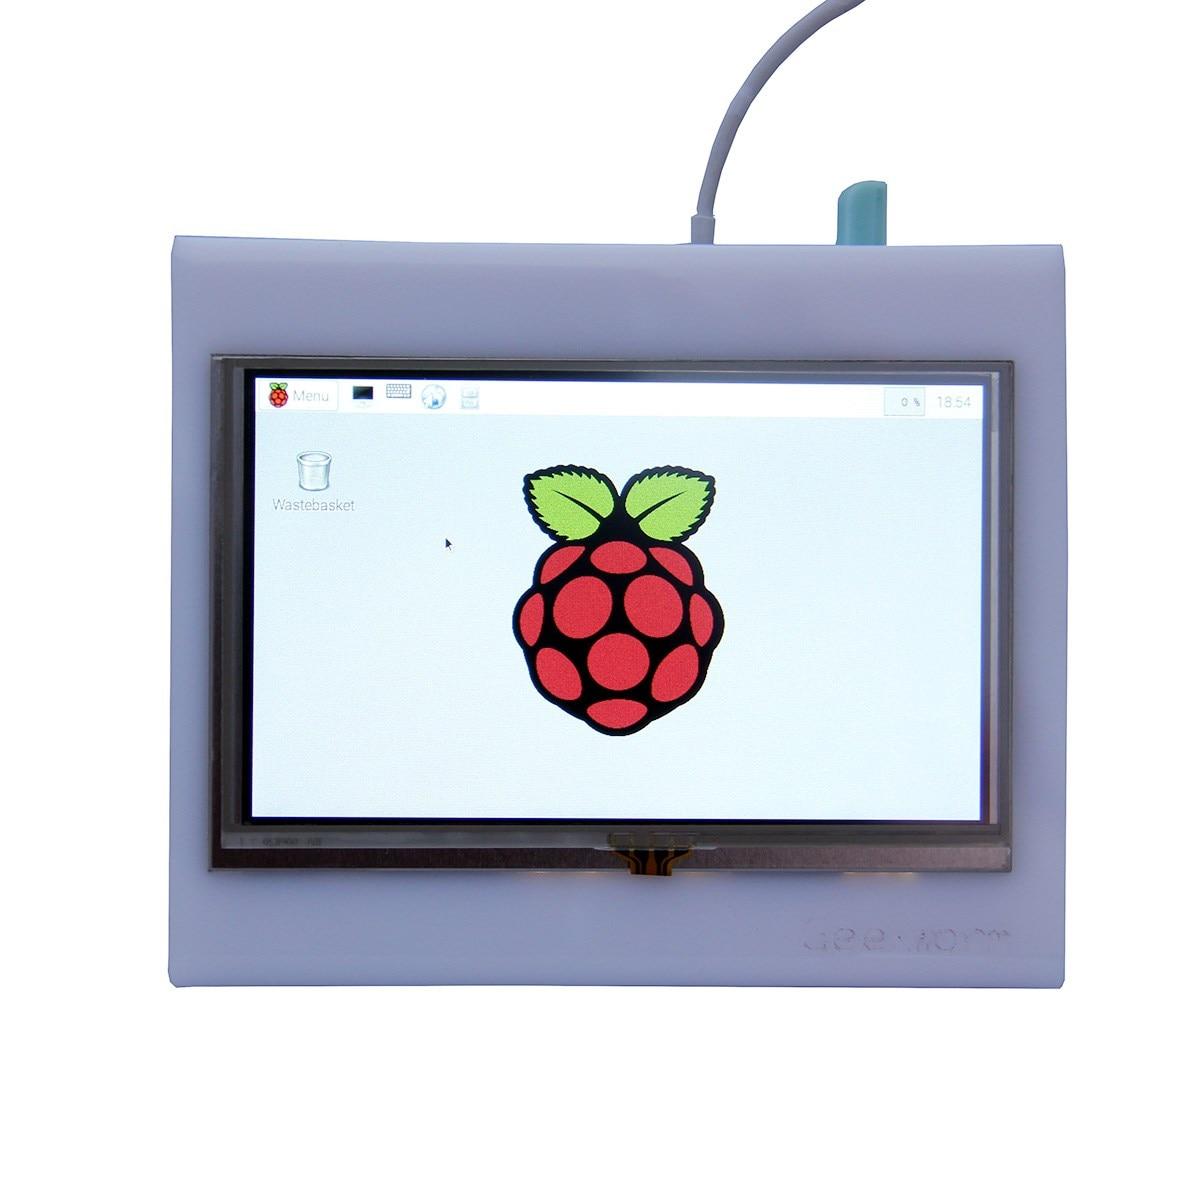 Écran tactile LCD HDMI 5 pouces TFT 800*480 pour Raspberry PI 3 modèle B/2B/B +/A +/B avec connecteur HDMI/stylo tactile/étui